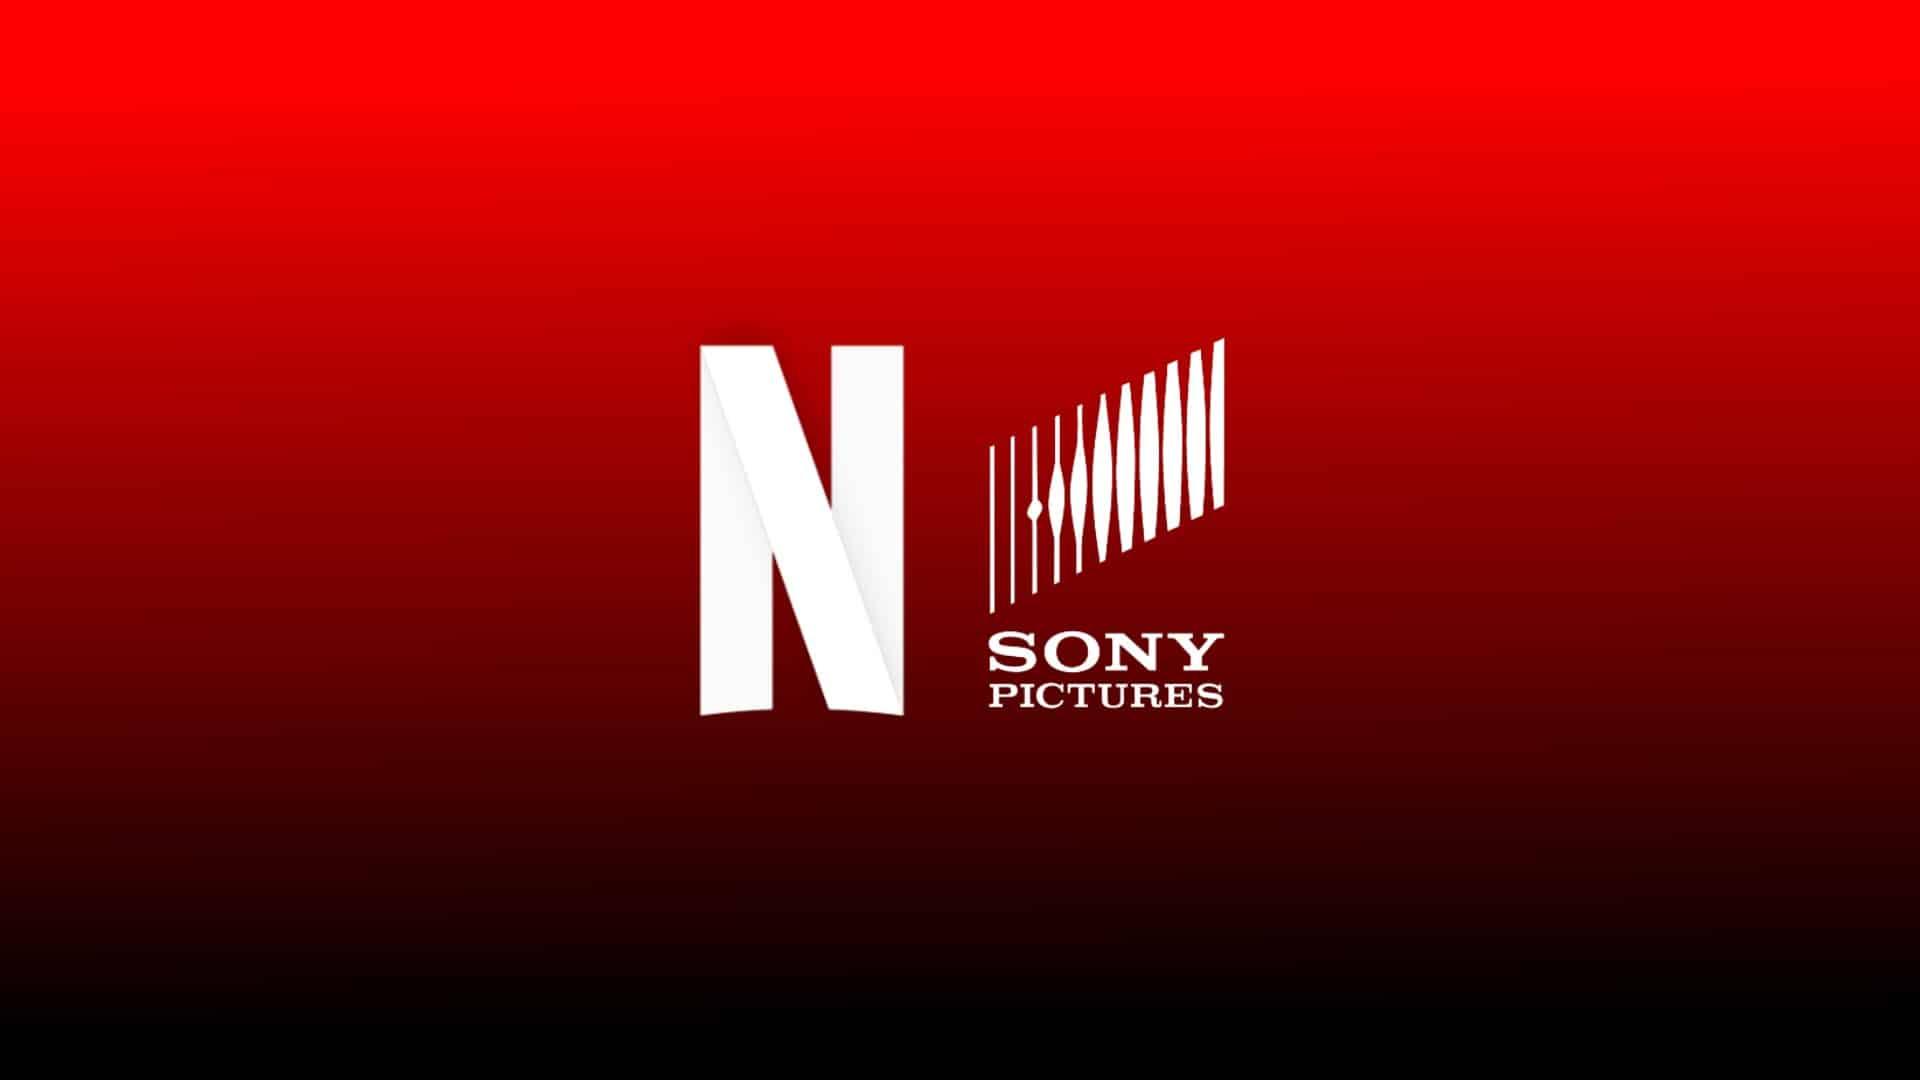 Futuros filmes da Sony, incluindo produções PlayStation, irão para a Netflix após saírem dos cinemas